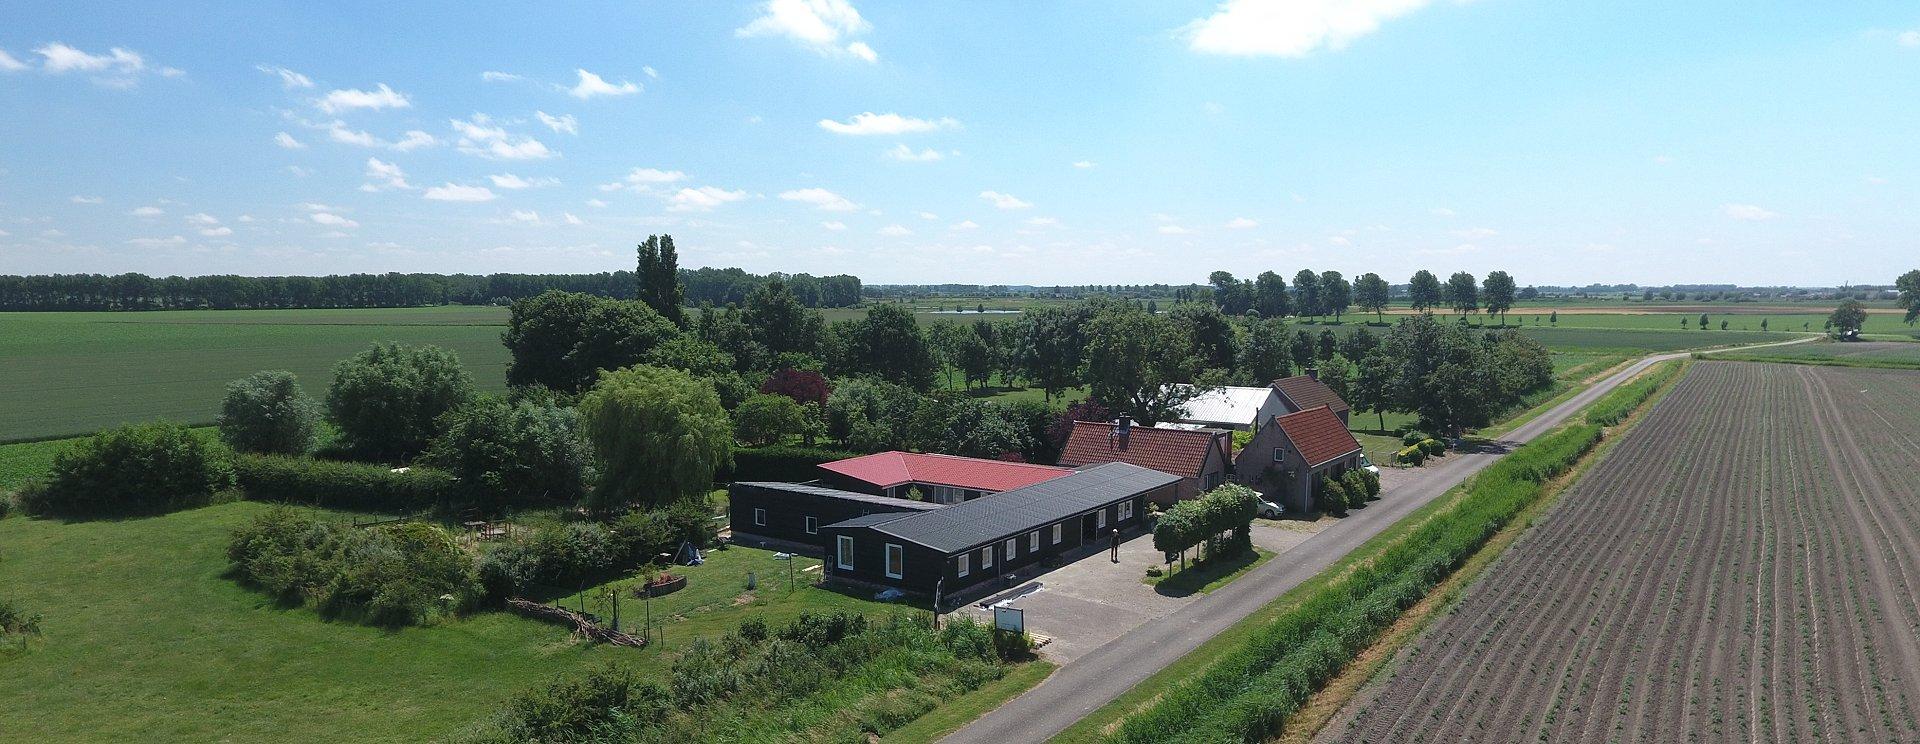 de kapellehof Nieuwvliet